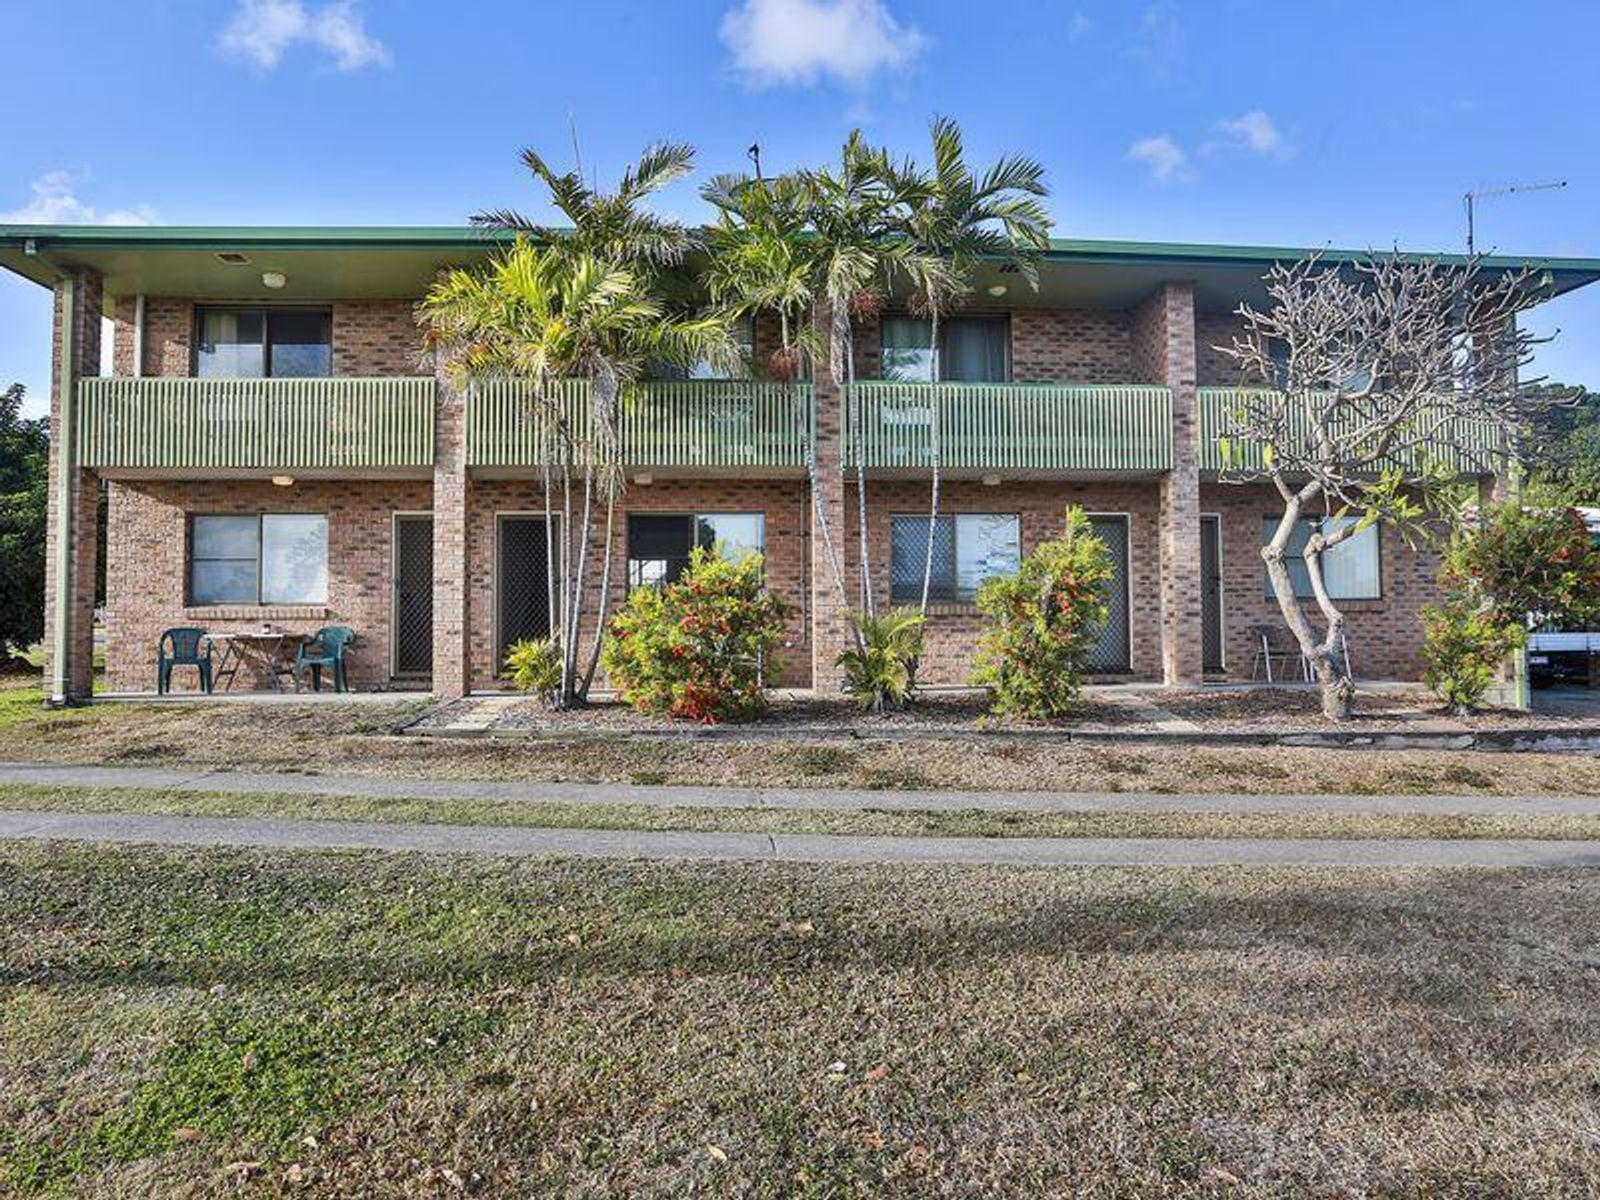 4/2A McCarthy Street, Hay Point, QLD 4740